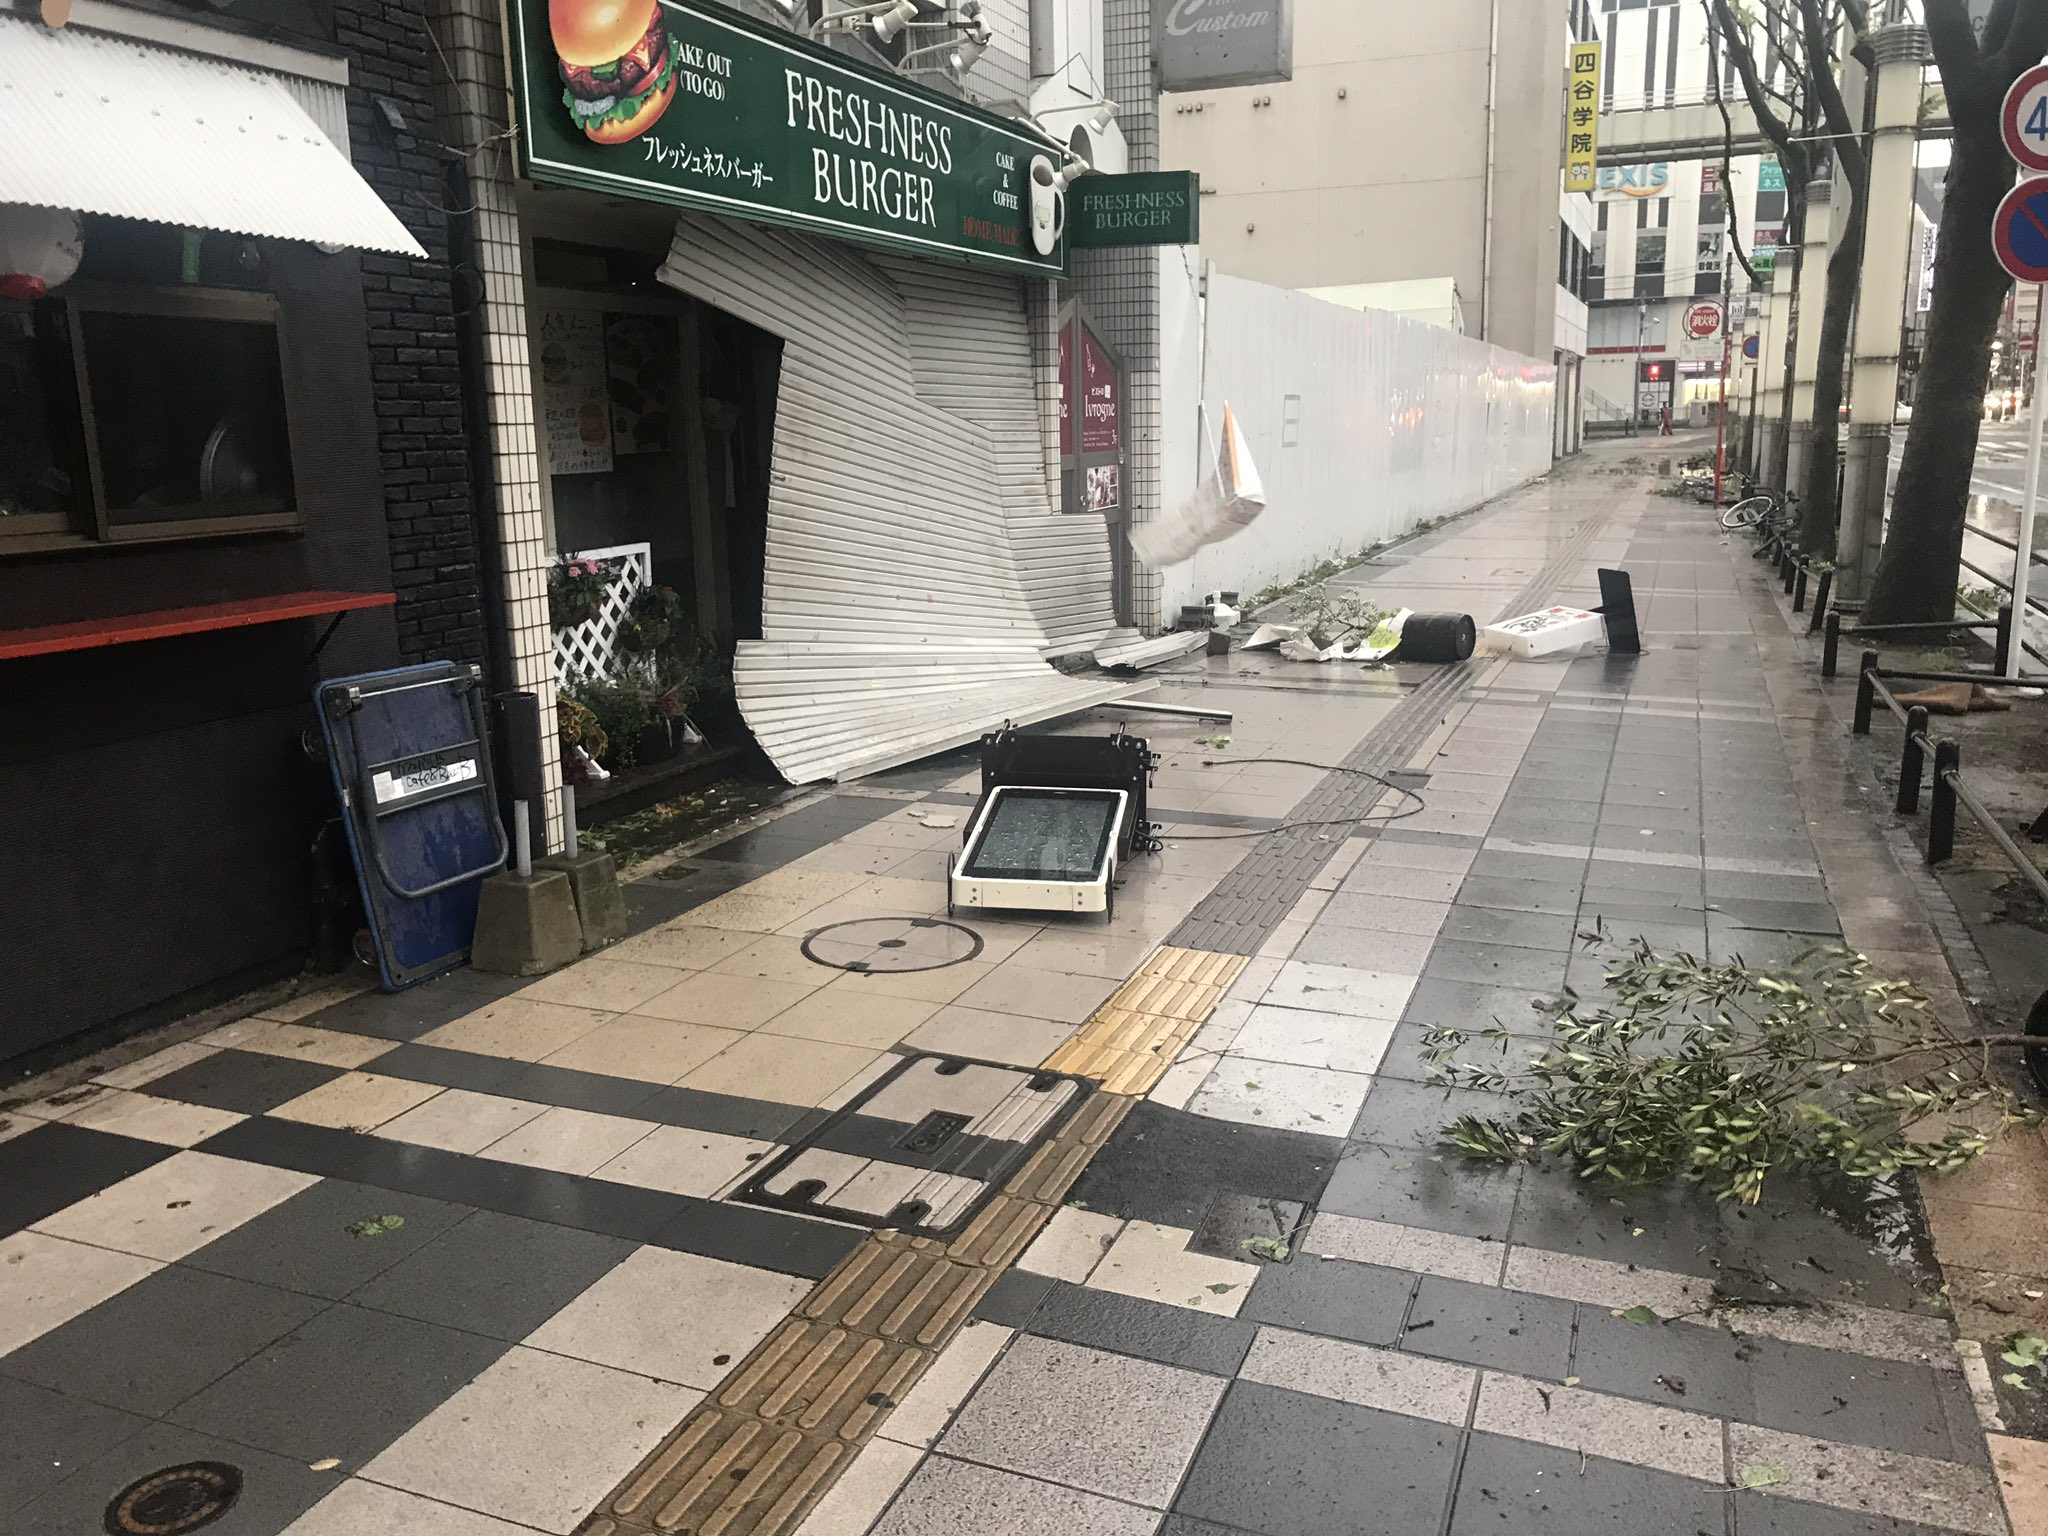 画像,千葉都市モノレールが動かないから自転車で出勤!台風被害情報! https://t.co/6nAFIsra93。